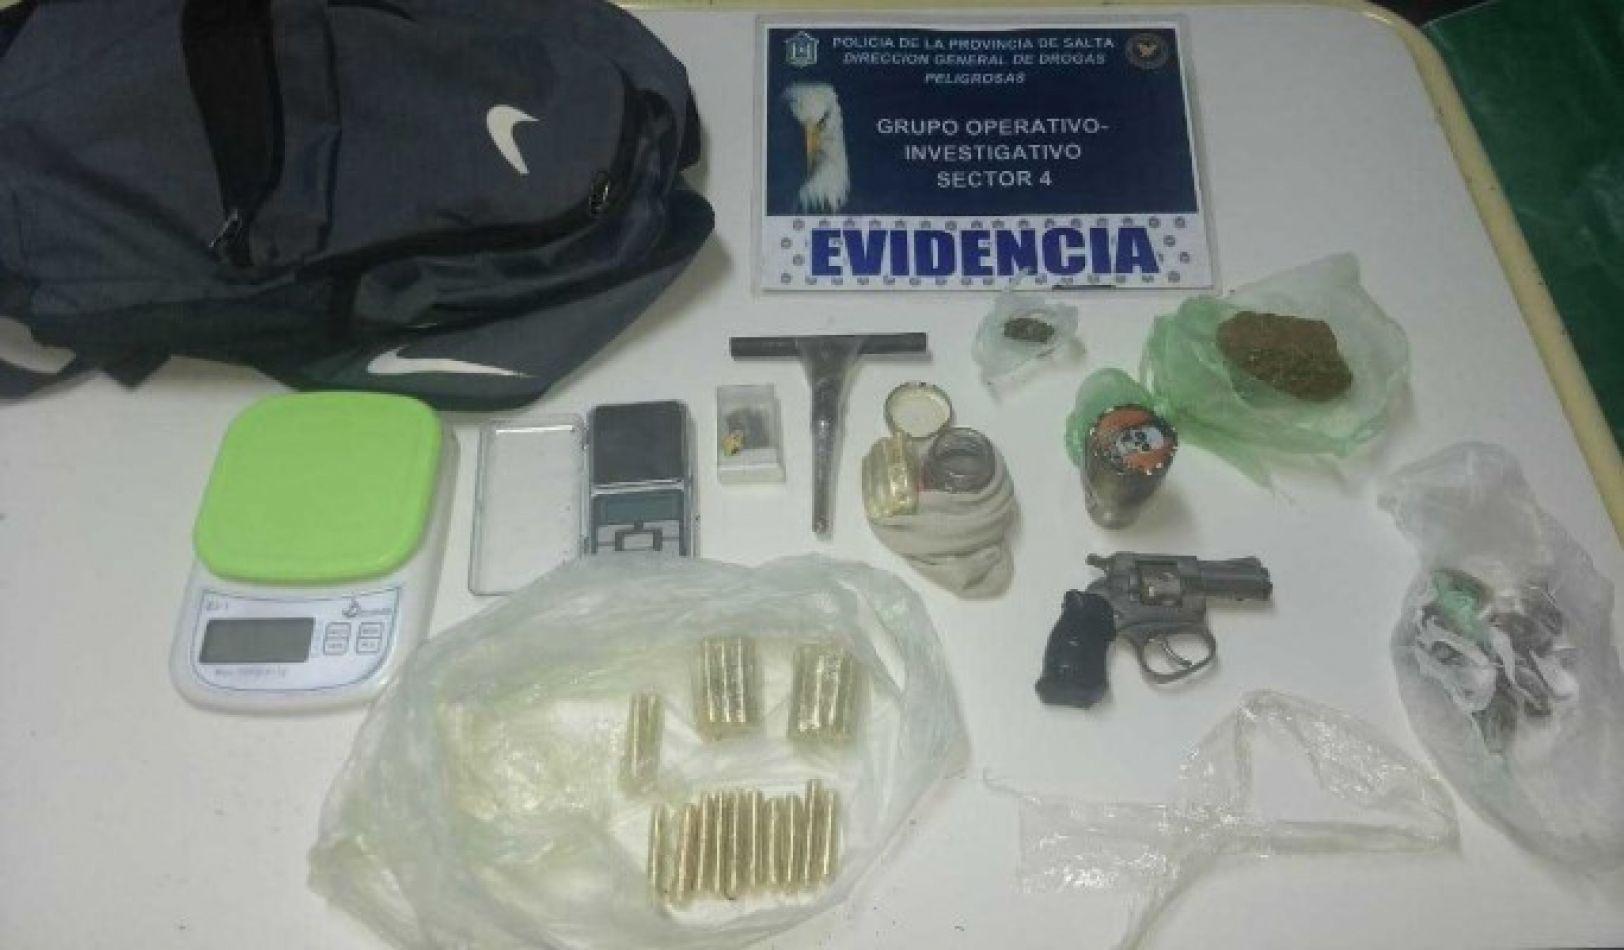 Joven salteña llevaba en la mochila cocaína, marihuana y un revólver: así la atraparon